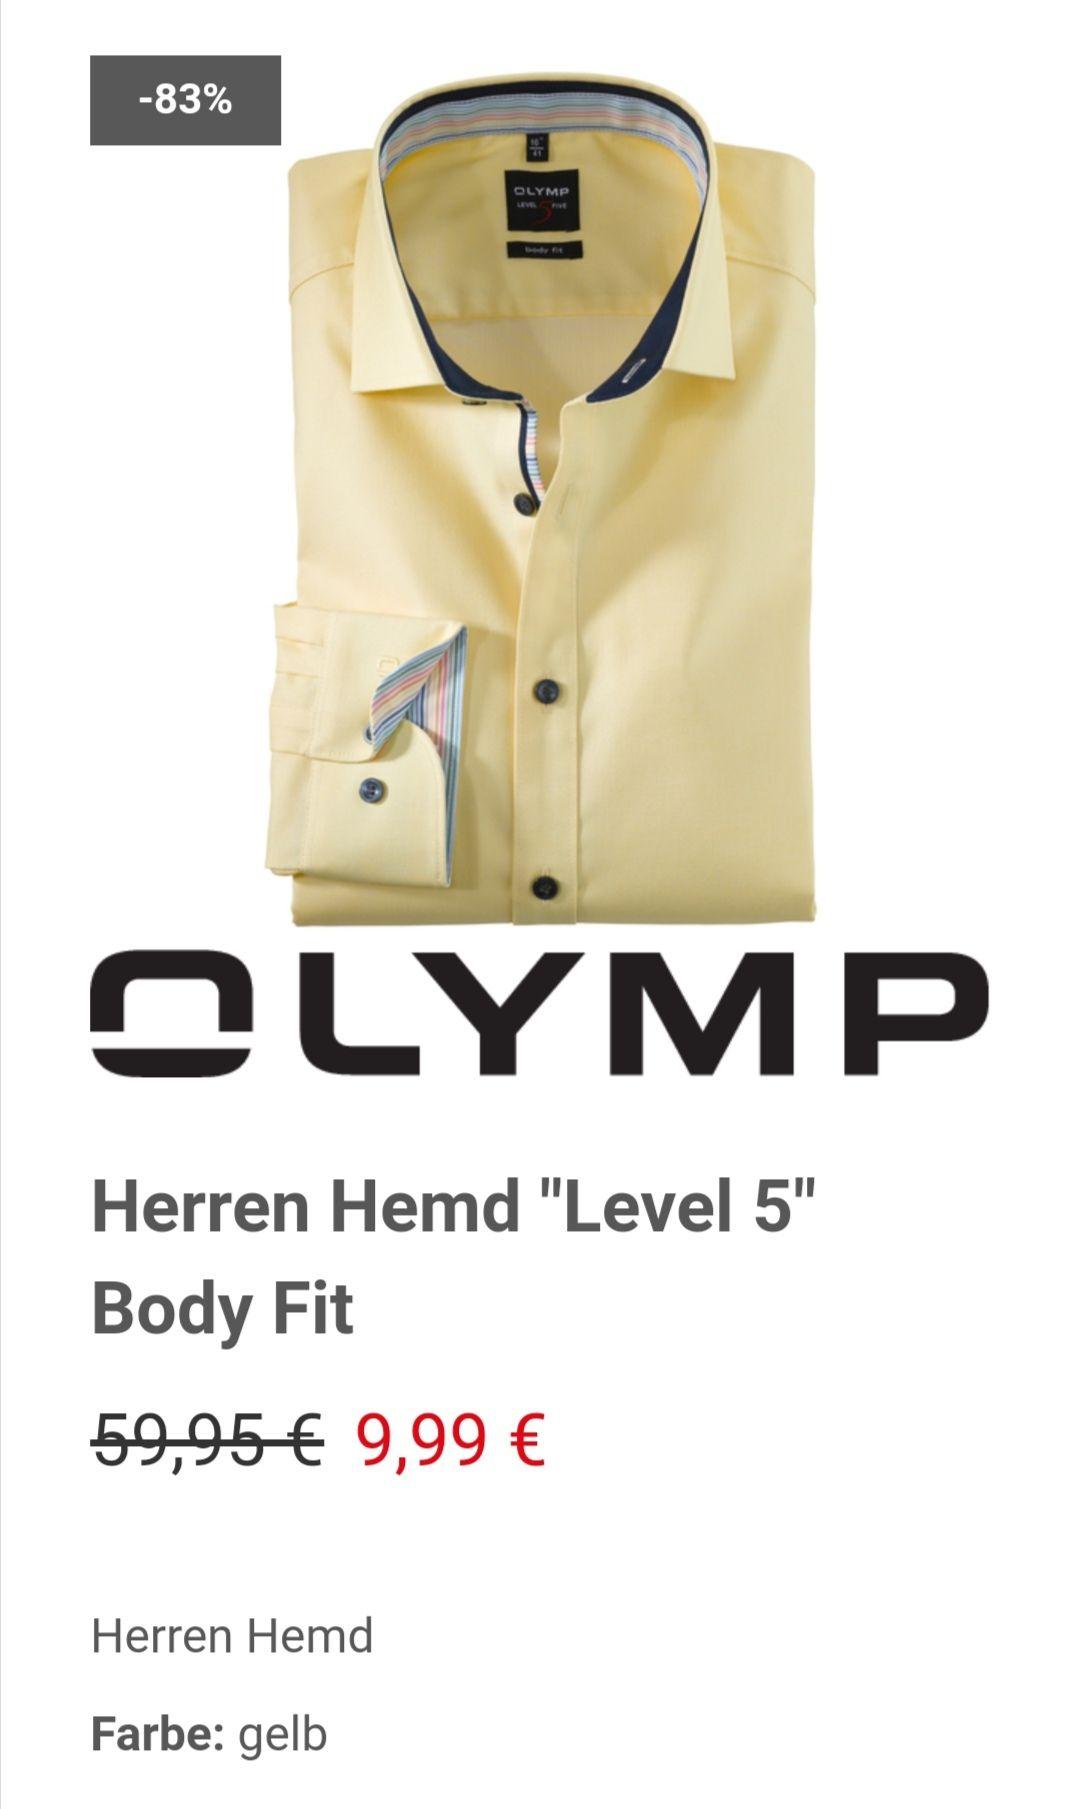 """Herren Hemd Olymp """"Level 5"""" Body Fit In der 38,39,40 und 41/anderes Hemd siehe Beschreibung"""